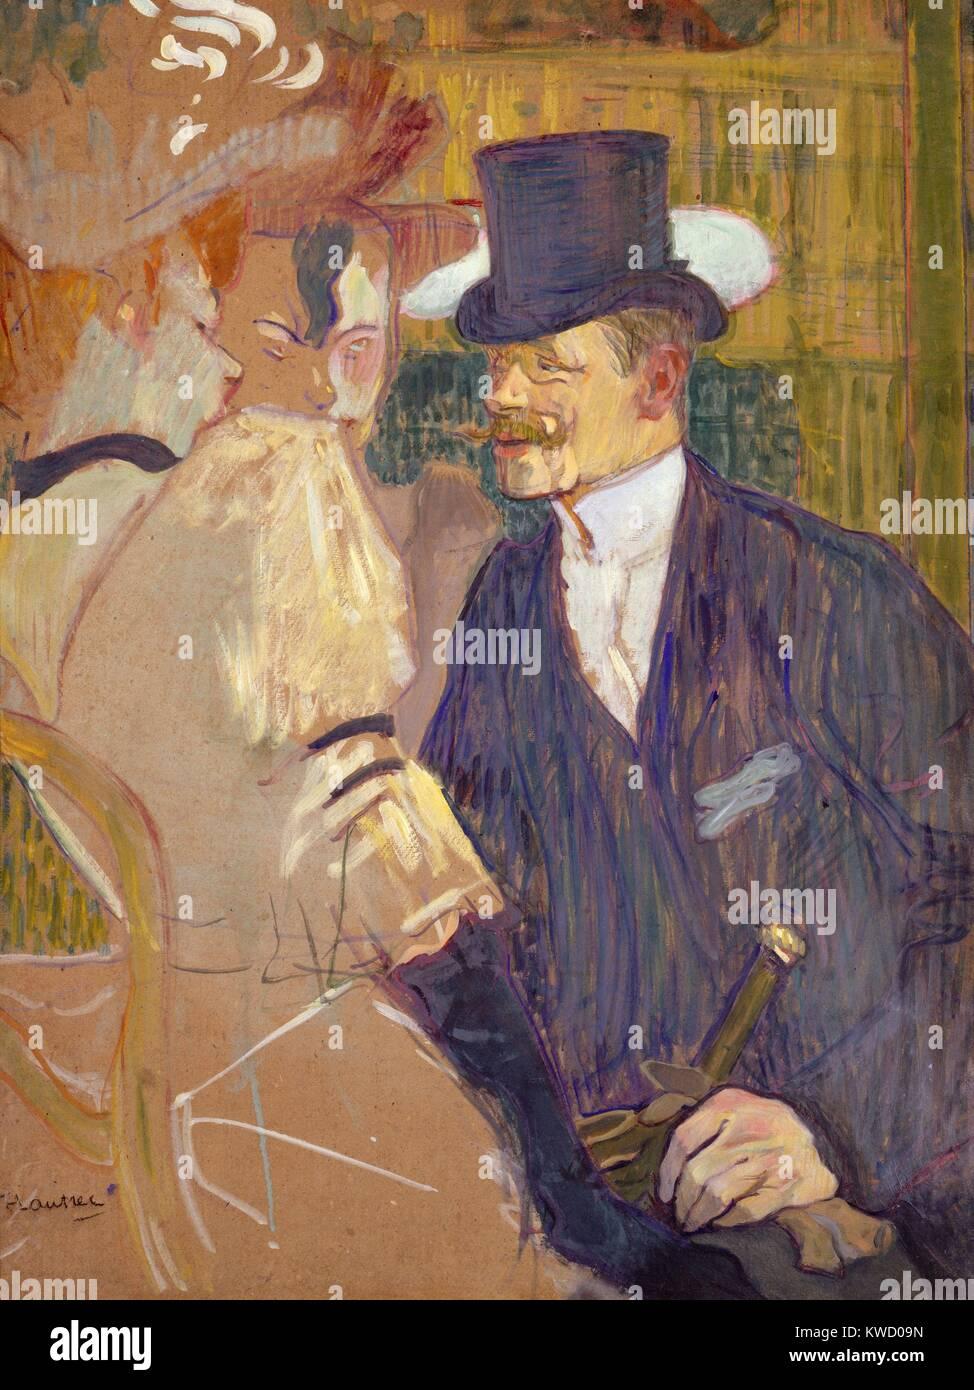 Der Engländer im Moulin Rouge, von Henri de Toulouse-Lautrec, 1892, post-impressionist Malerei. Lautrecs Freund, Stockfoto